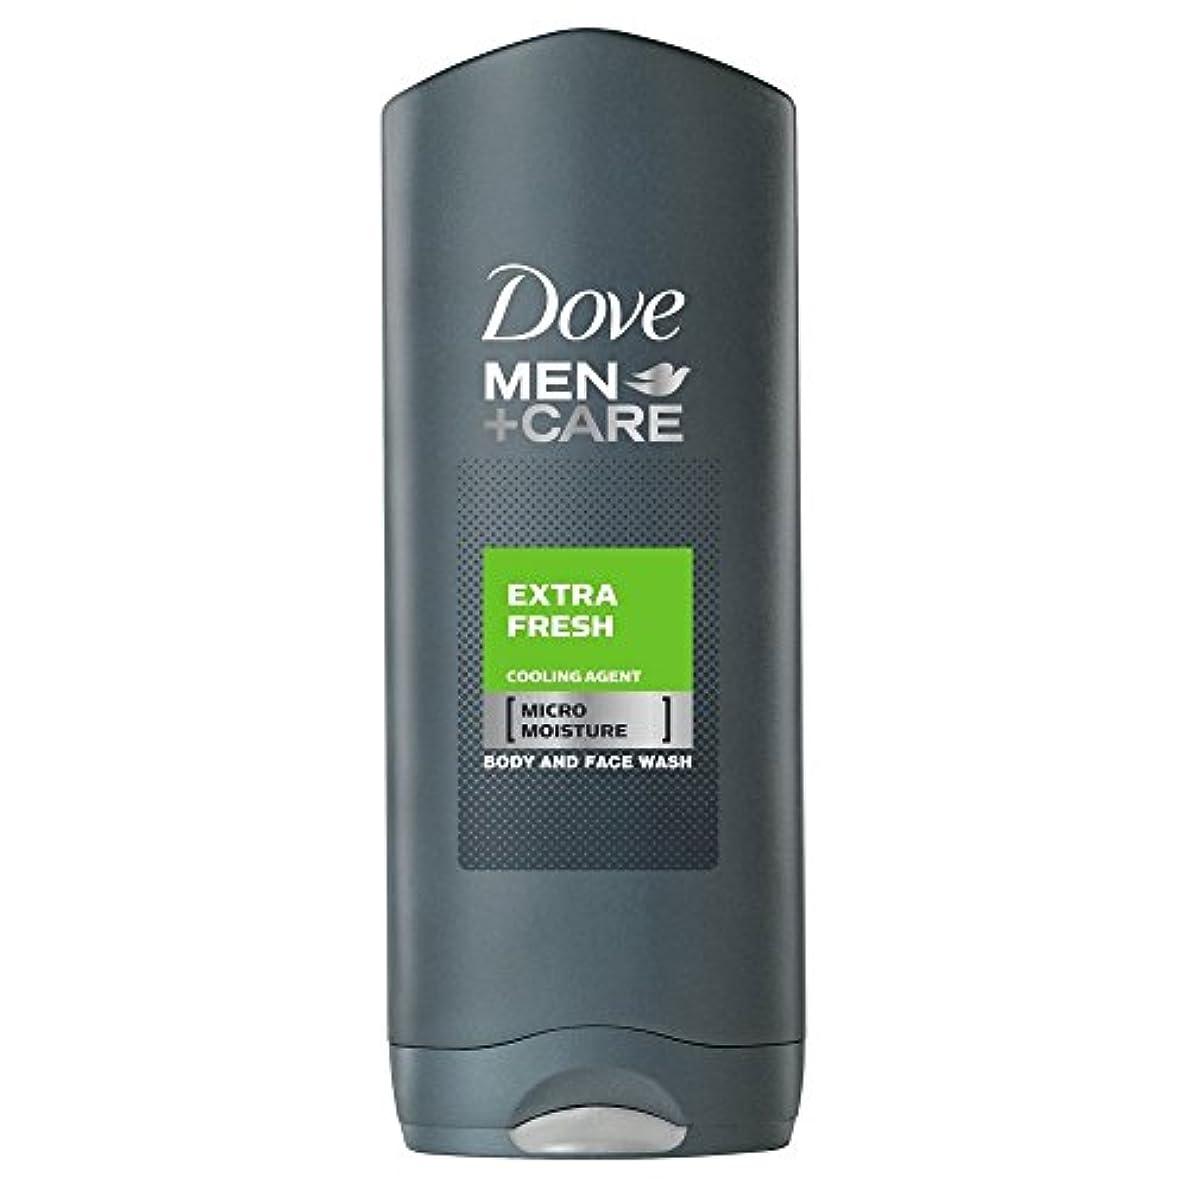 ウミウシ無秩序秘書Dove Men + Care Body & Face Wash - Extra Fresh (250ml) 鳩の男性は+ボディと洗顔ケア - 余分な新鮮な( 250ミリリットル)を [並行輸入品]